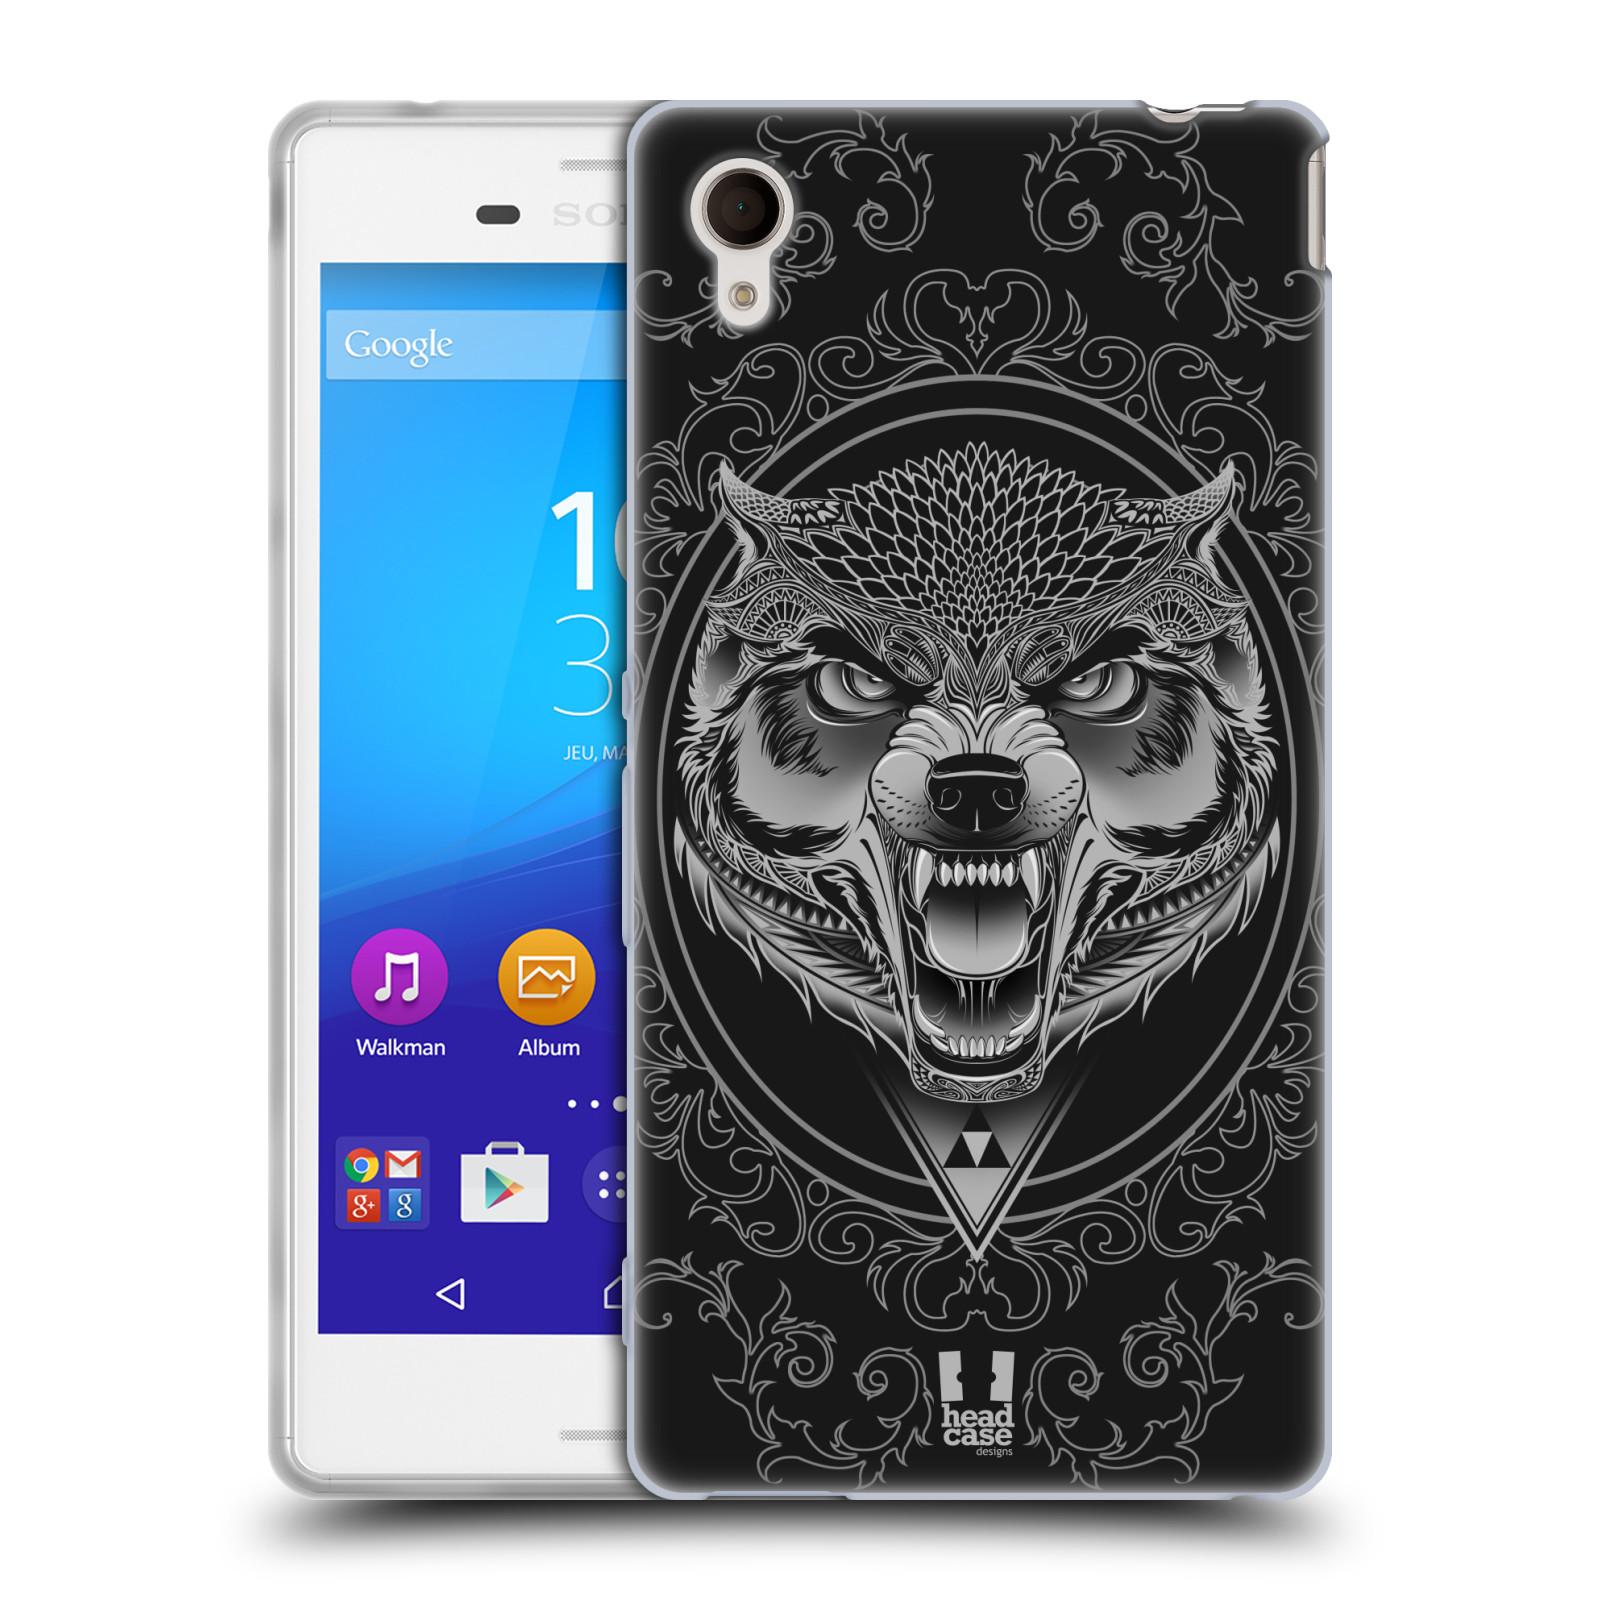 Silikonové pouzdro na mobil Sony Xperia M4 Aqua E2303 - Head Case - Krutý vlk